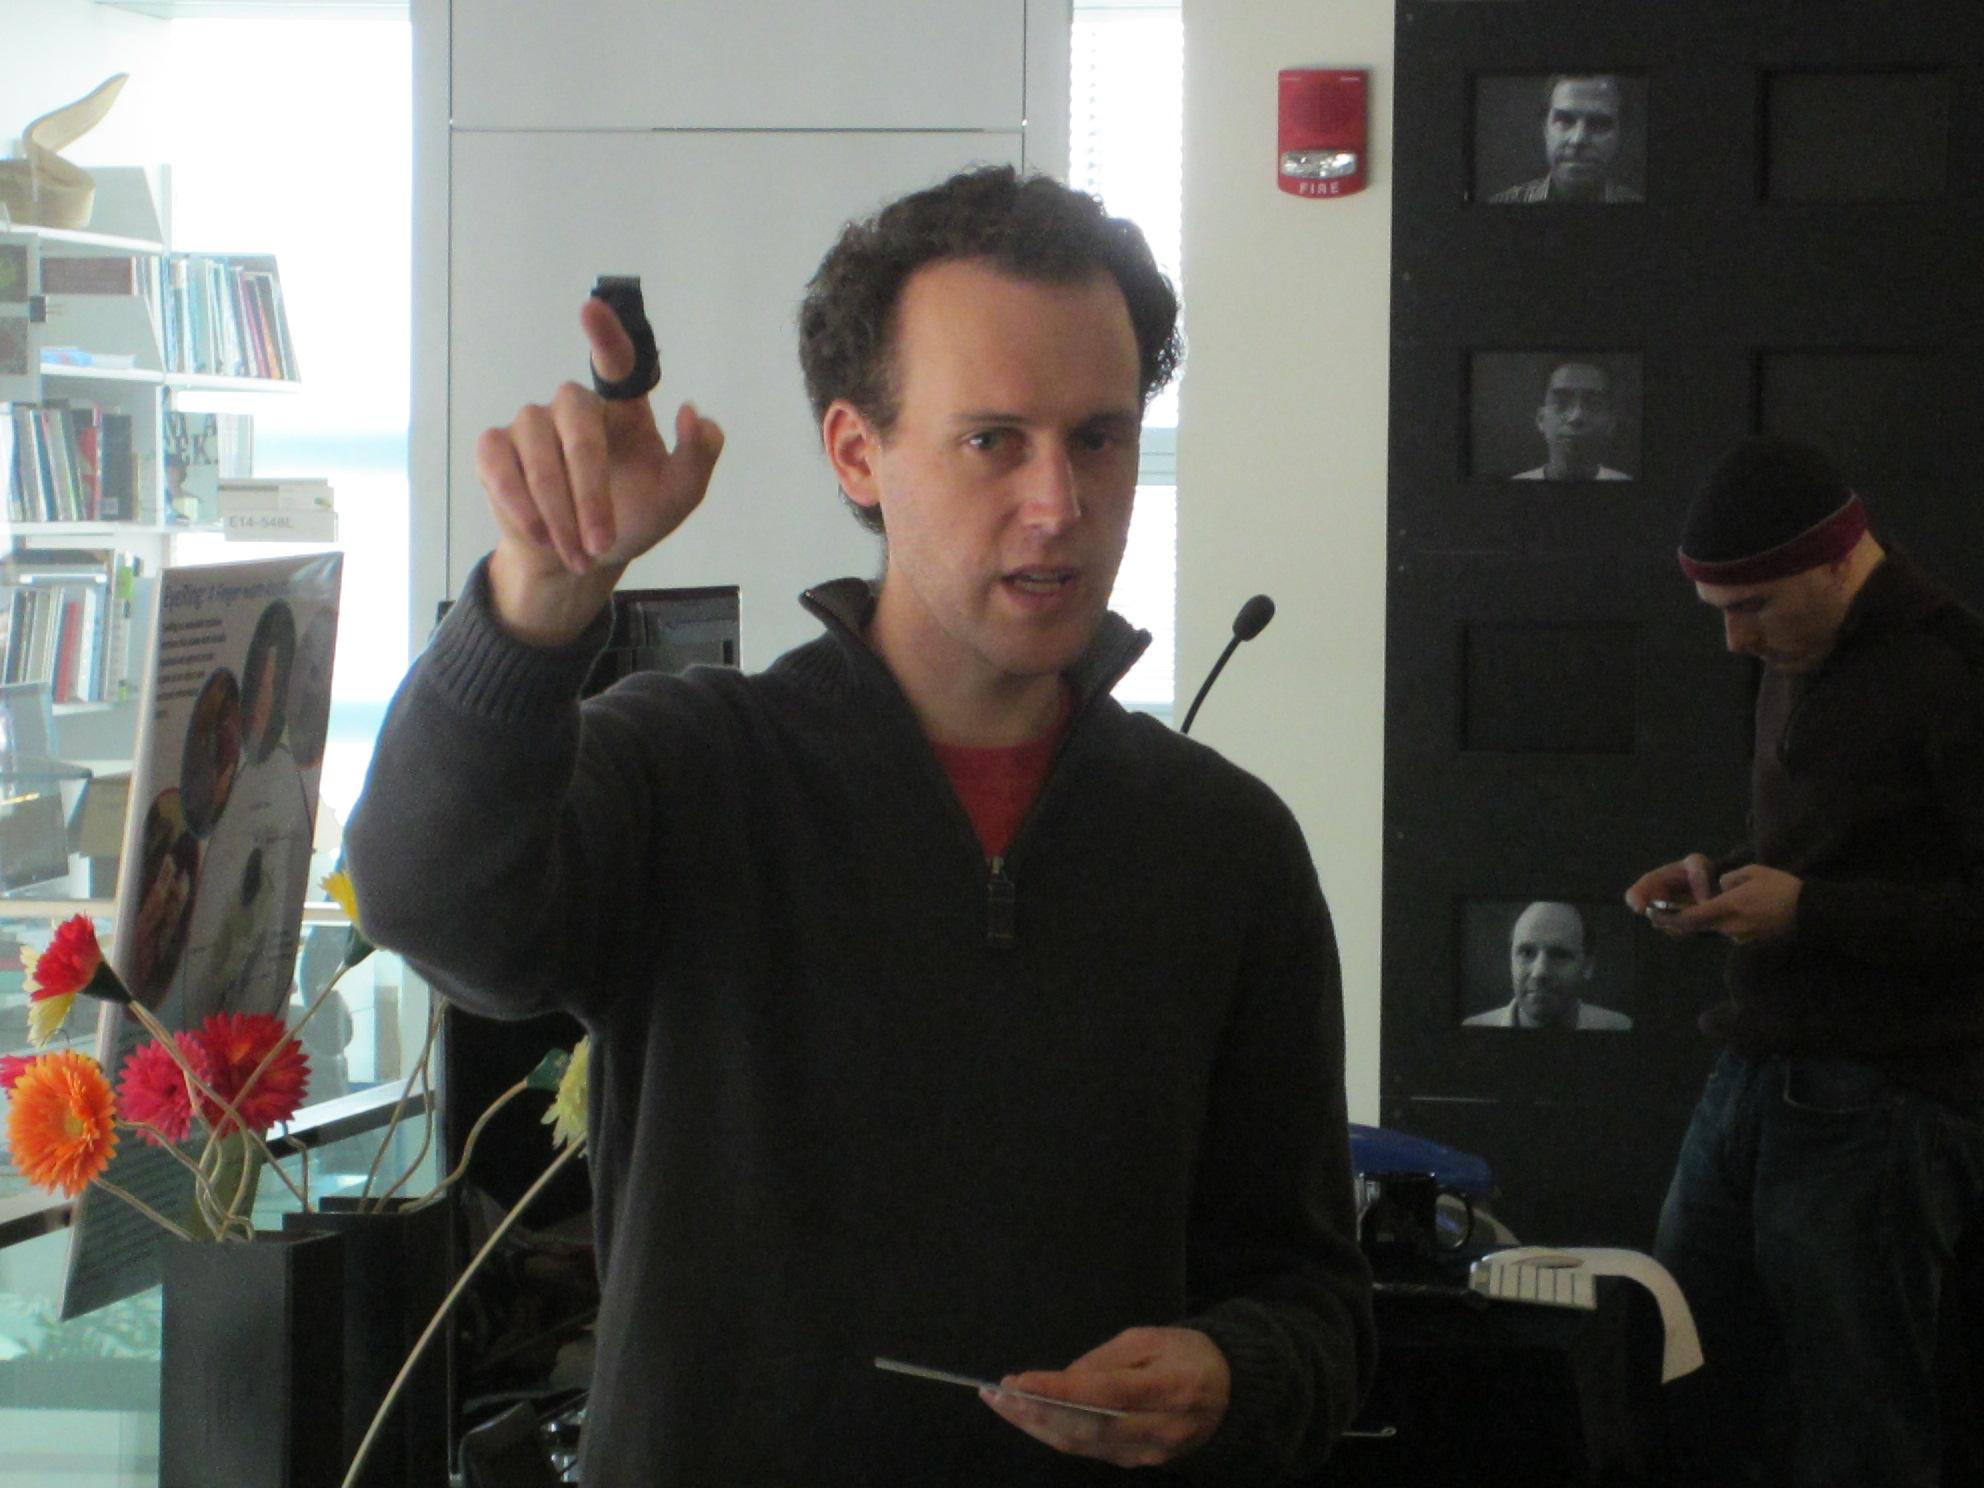 MIT's Roy Shilkrot wearing EyeRing.